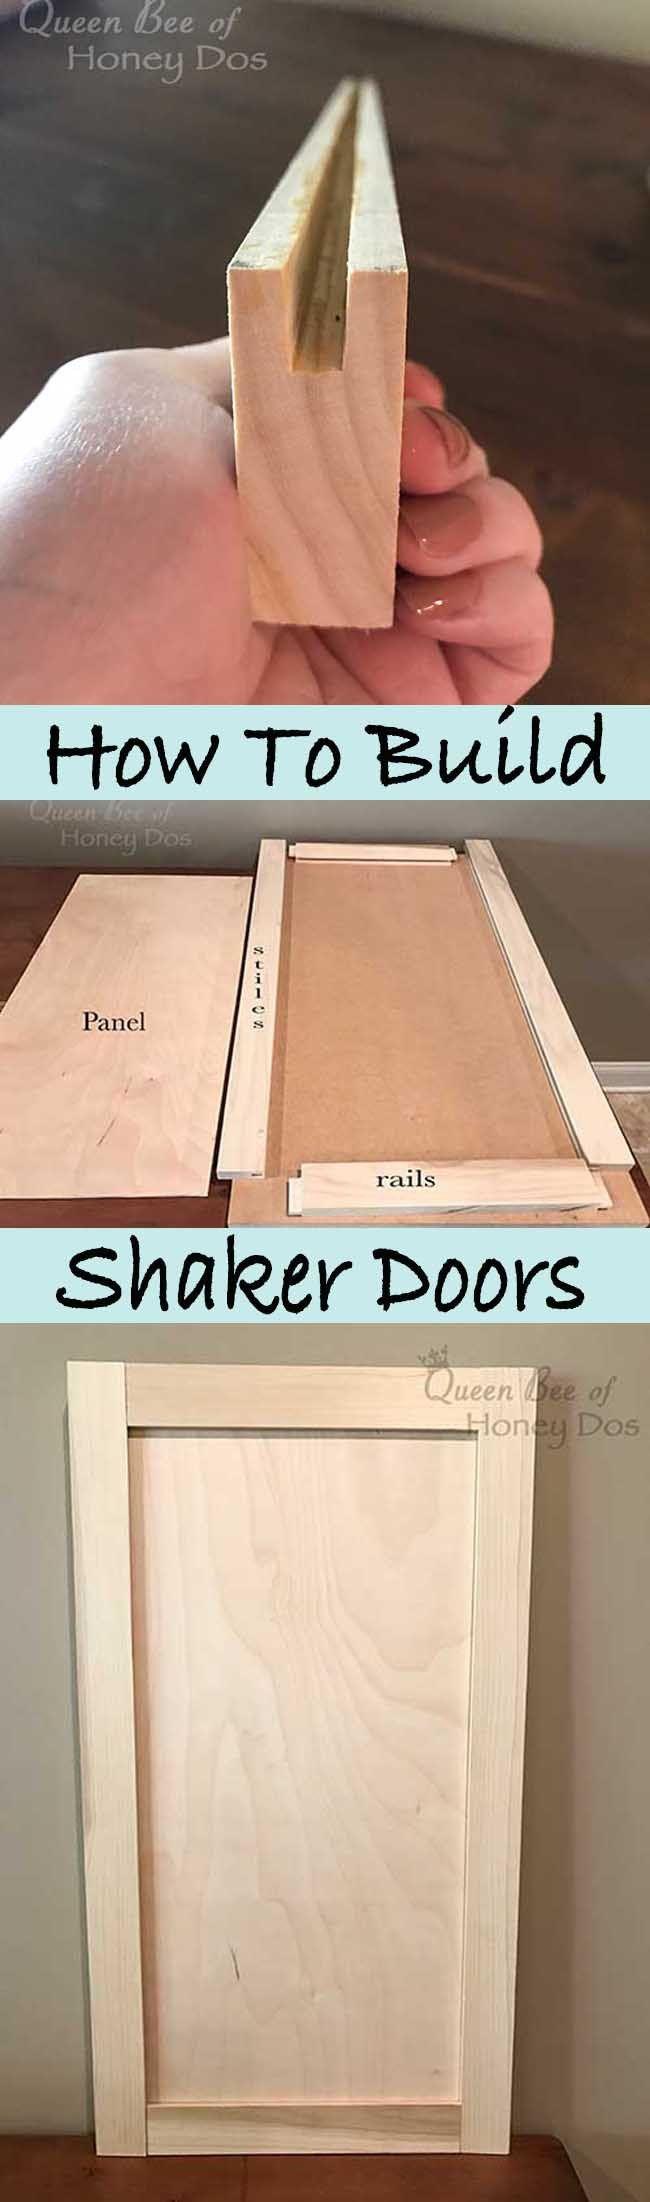 How to Build Shaker Doors 533 best